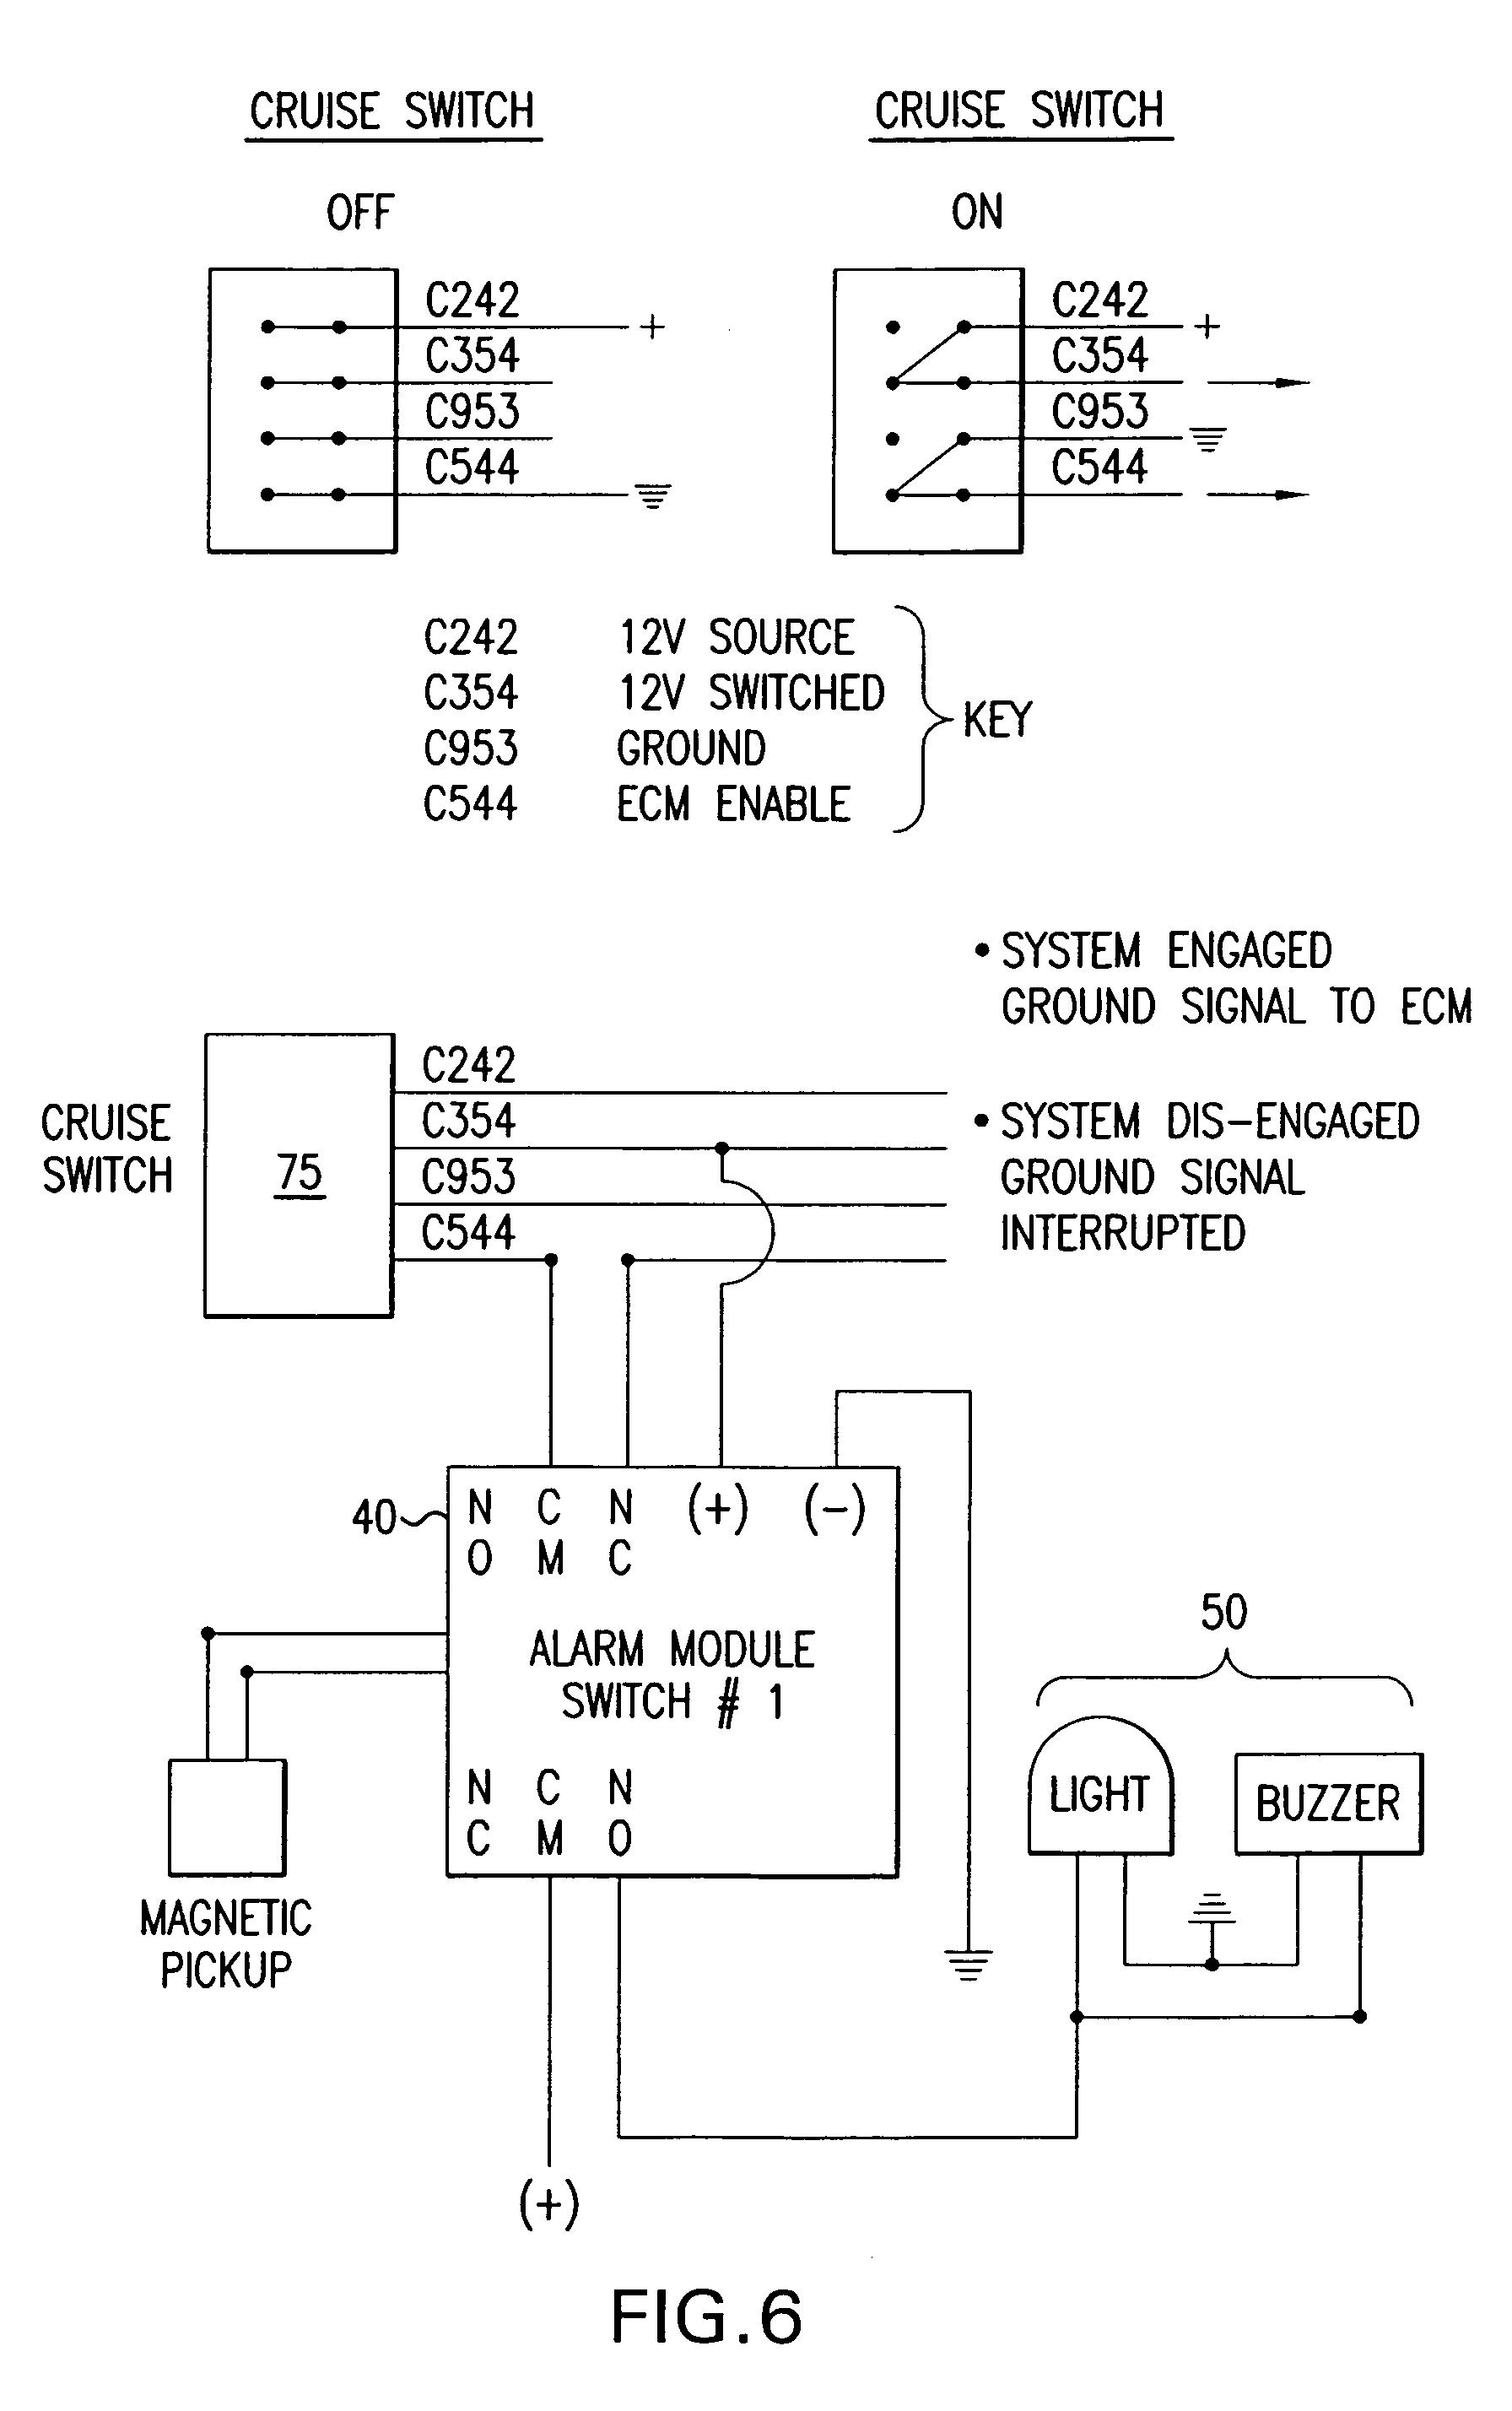 2004 peterbilt wiring diagram bx 1707  357 peterbilt wiring diagram download diagram  bx 1707  357 peterbilt wiring diagram